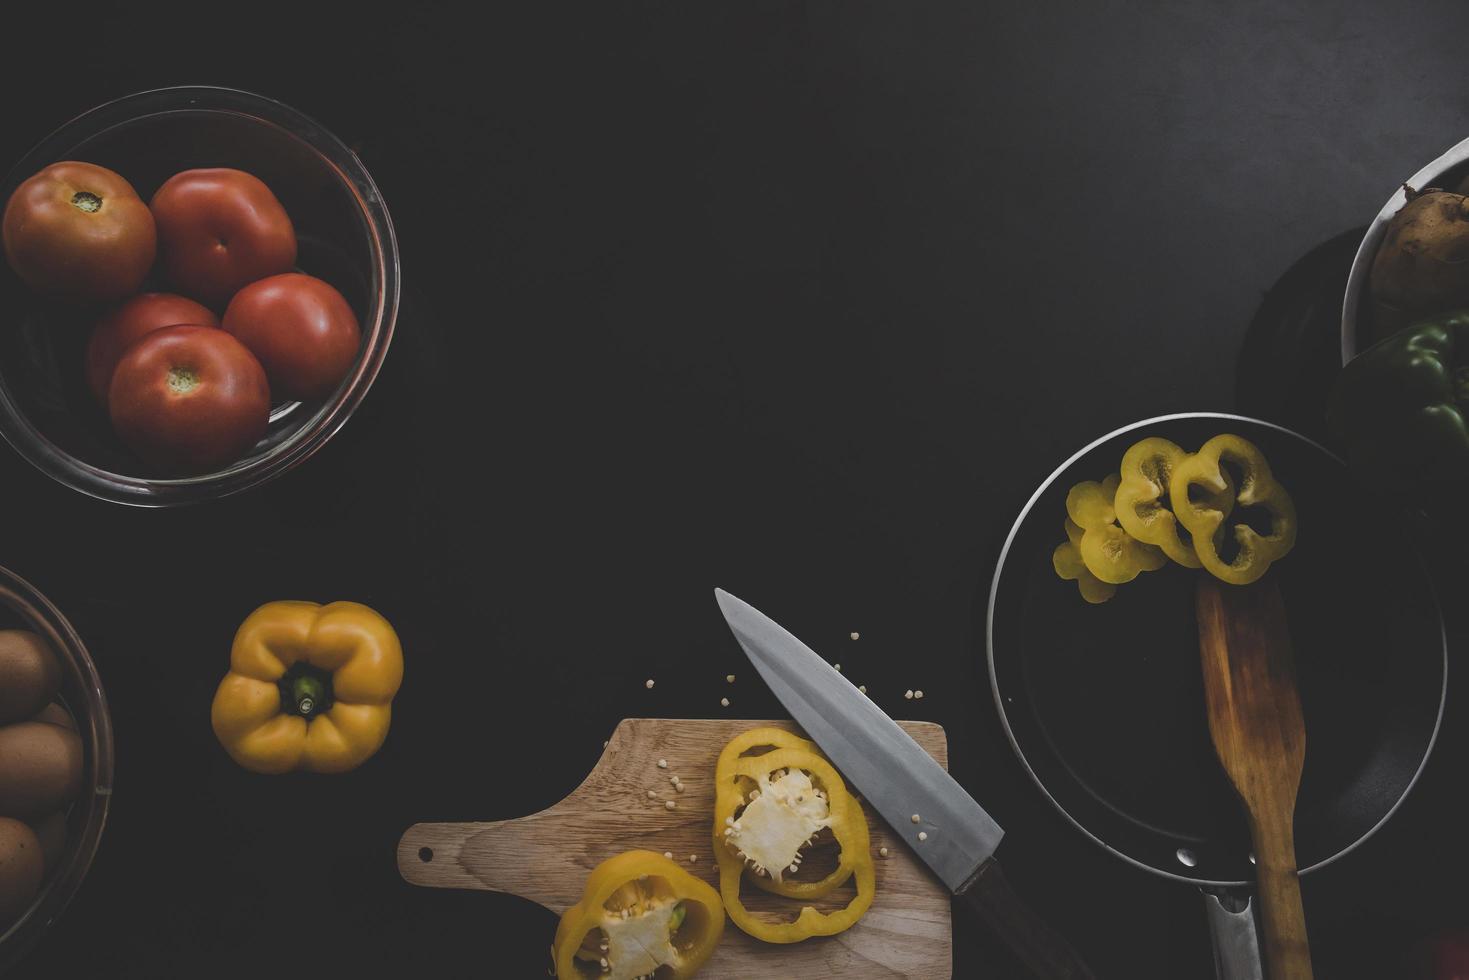 verduras frescas sobre fondo de madera negra foto